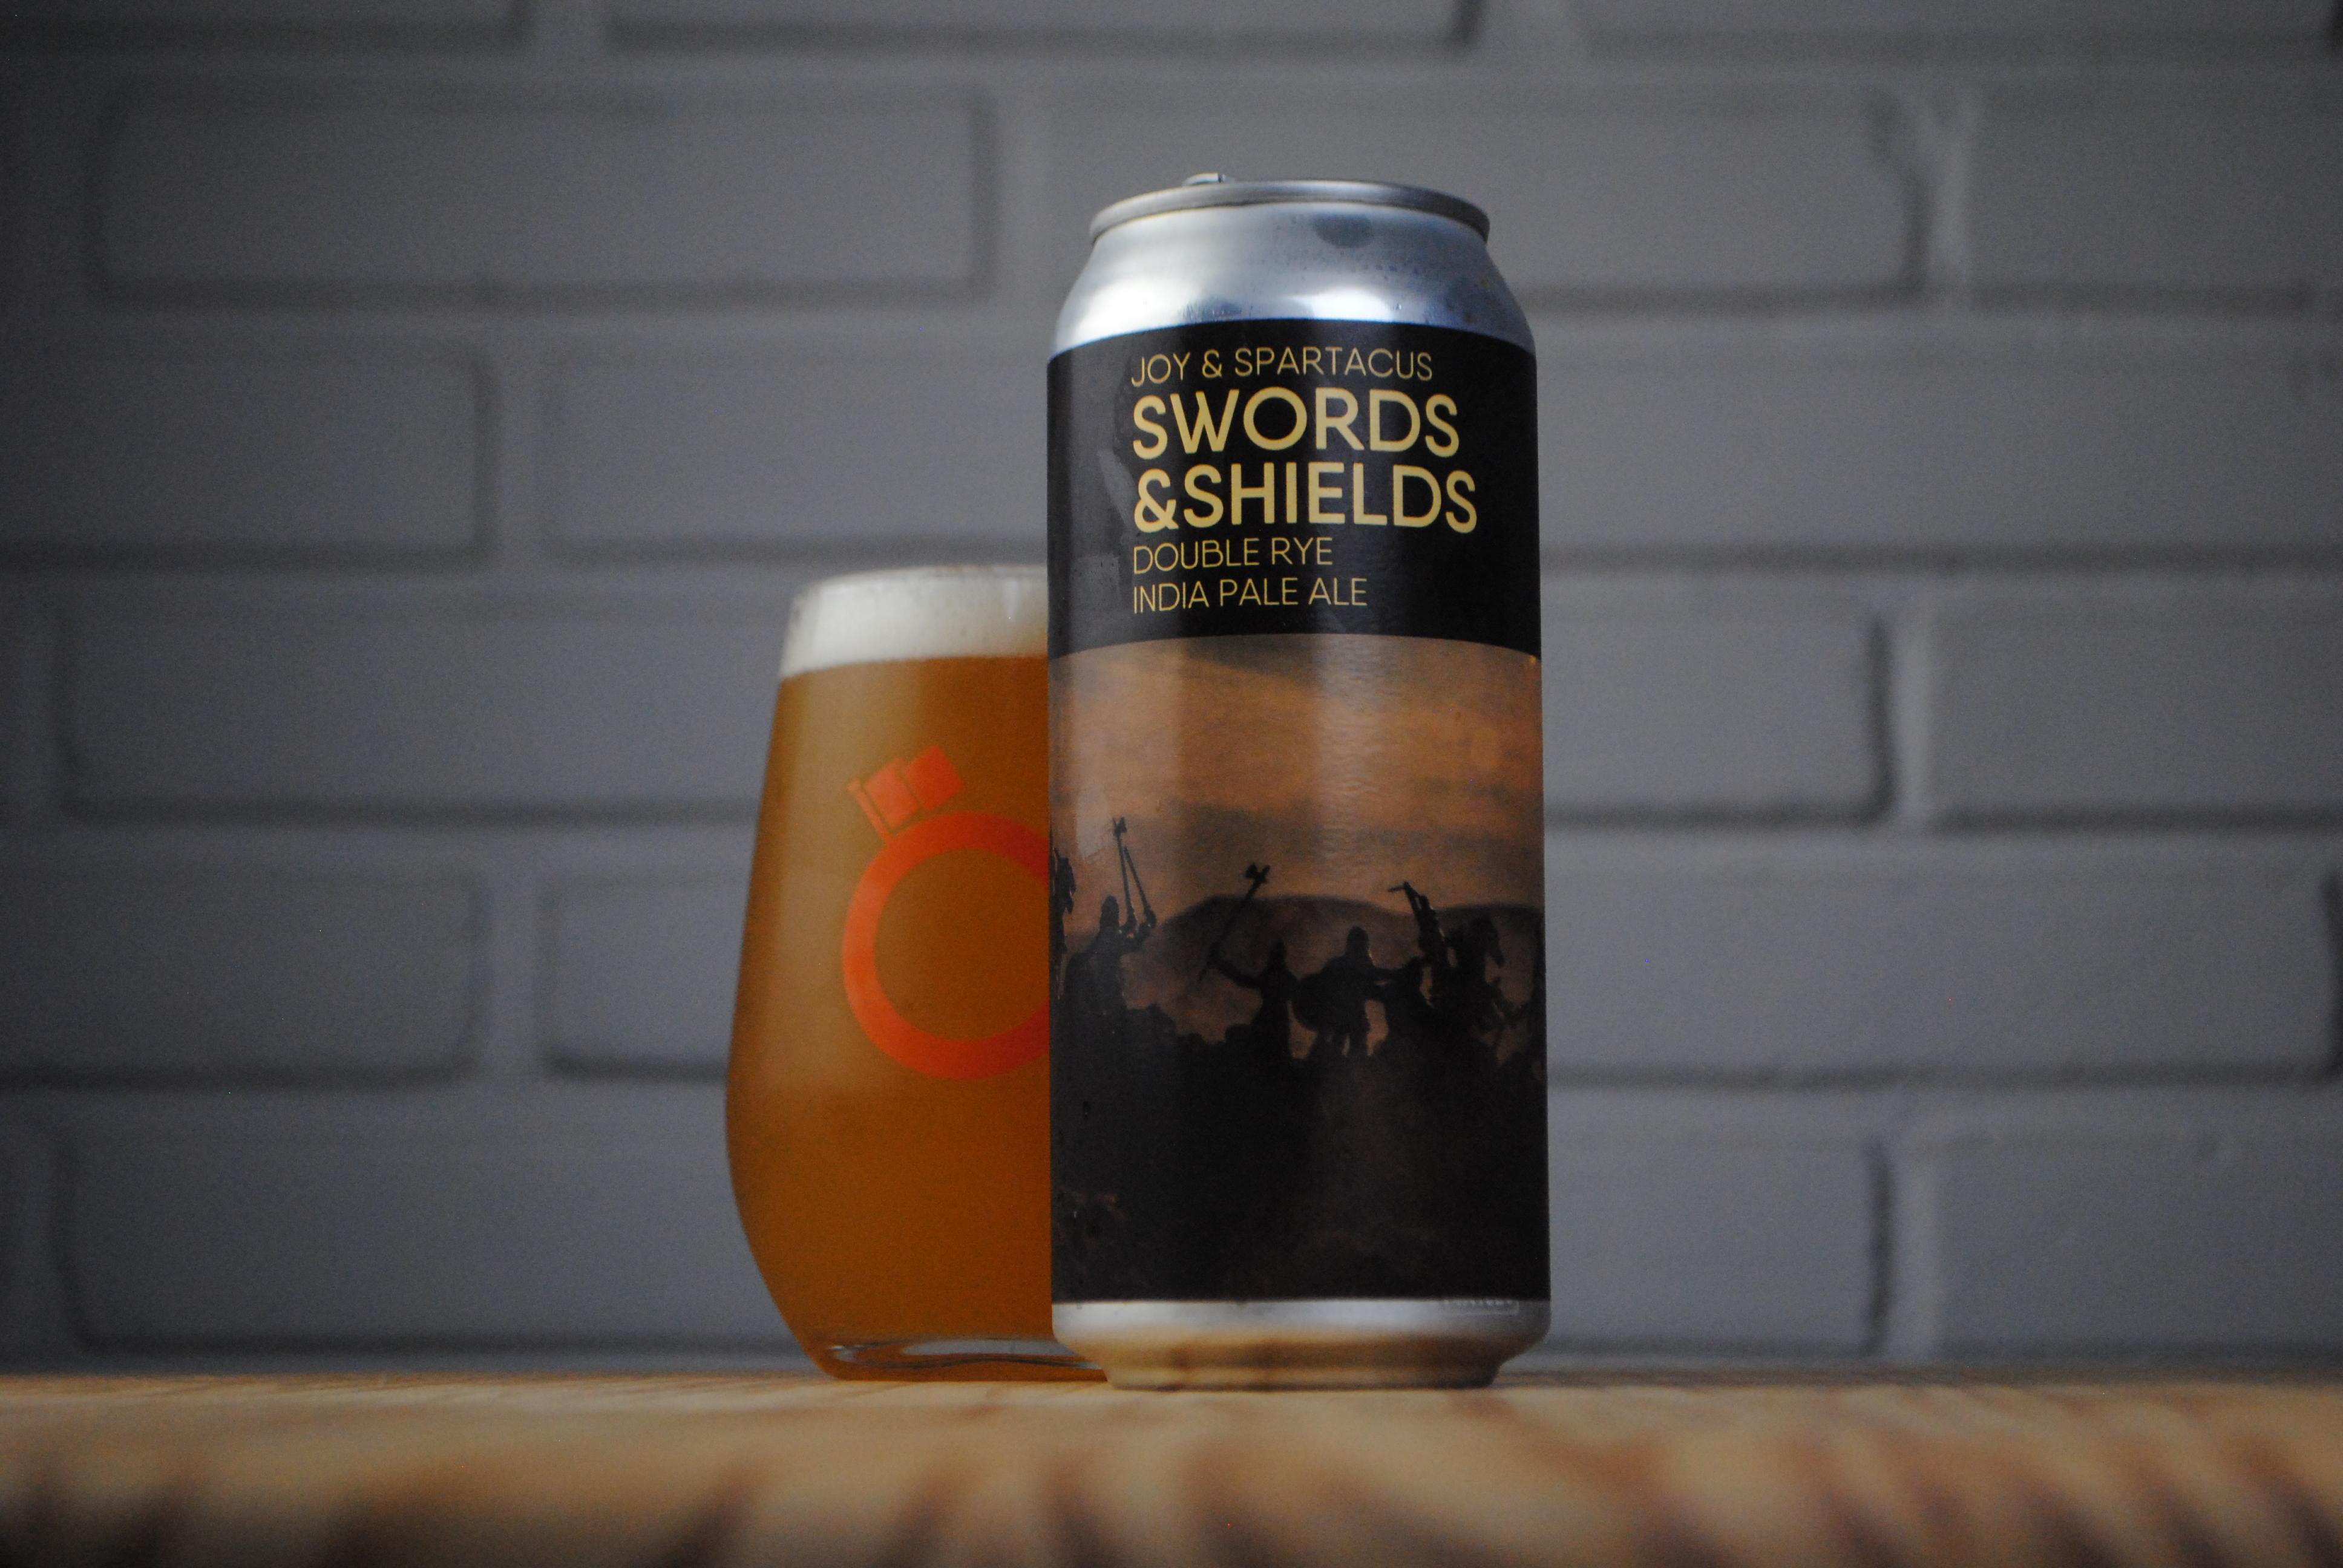 Swords & Shields, desenvolvida em parceria com a Spartacus Brewing, é uma Double Rye India Pale Ale.